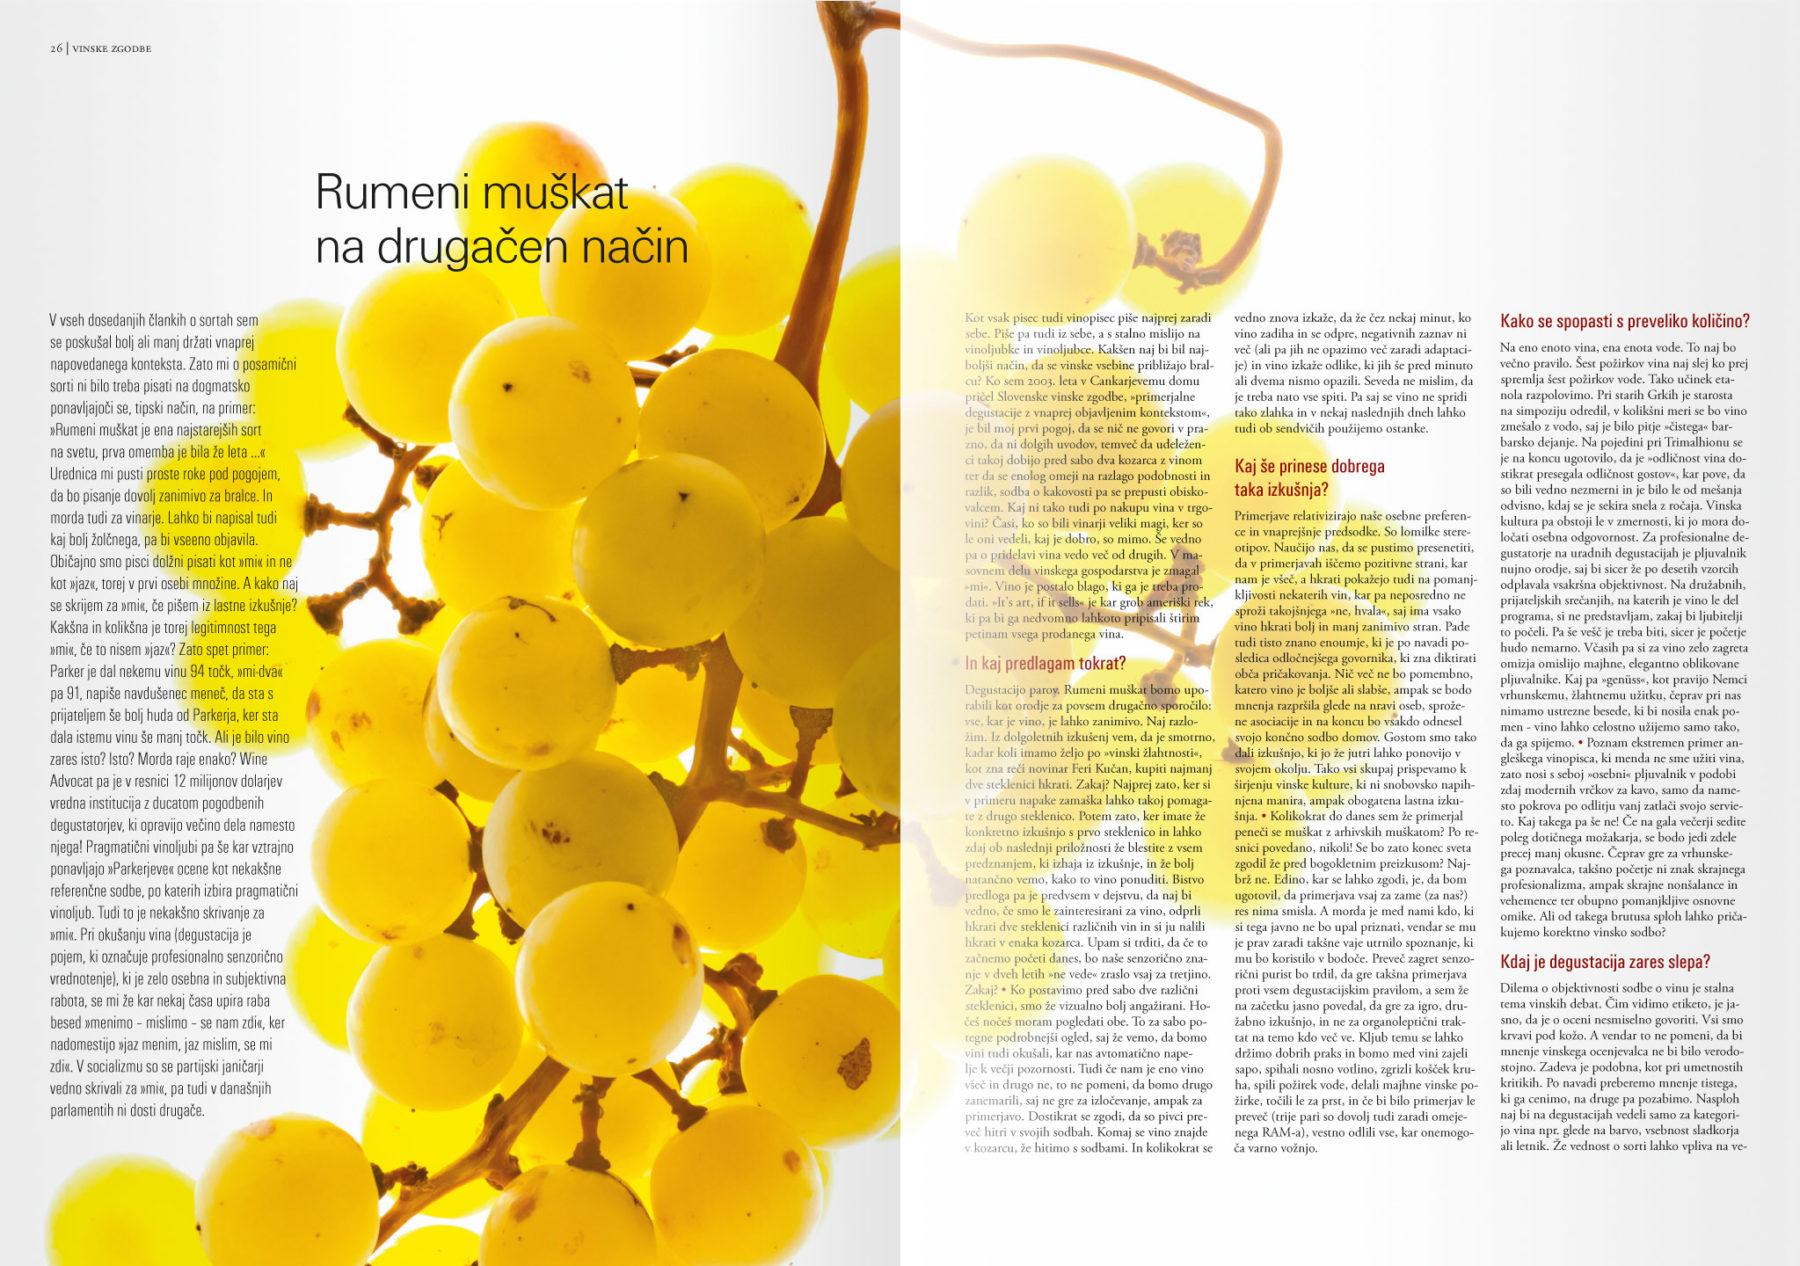 Revija Vino, zima 2014strani 26 in 27 - uvodne strani članka Rumeni muškat· Naročnik: Revija Vino · Fotografija za članek: Marijan Močivnik · 2006 ·